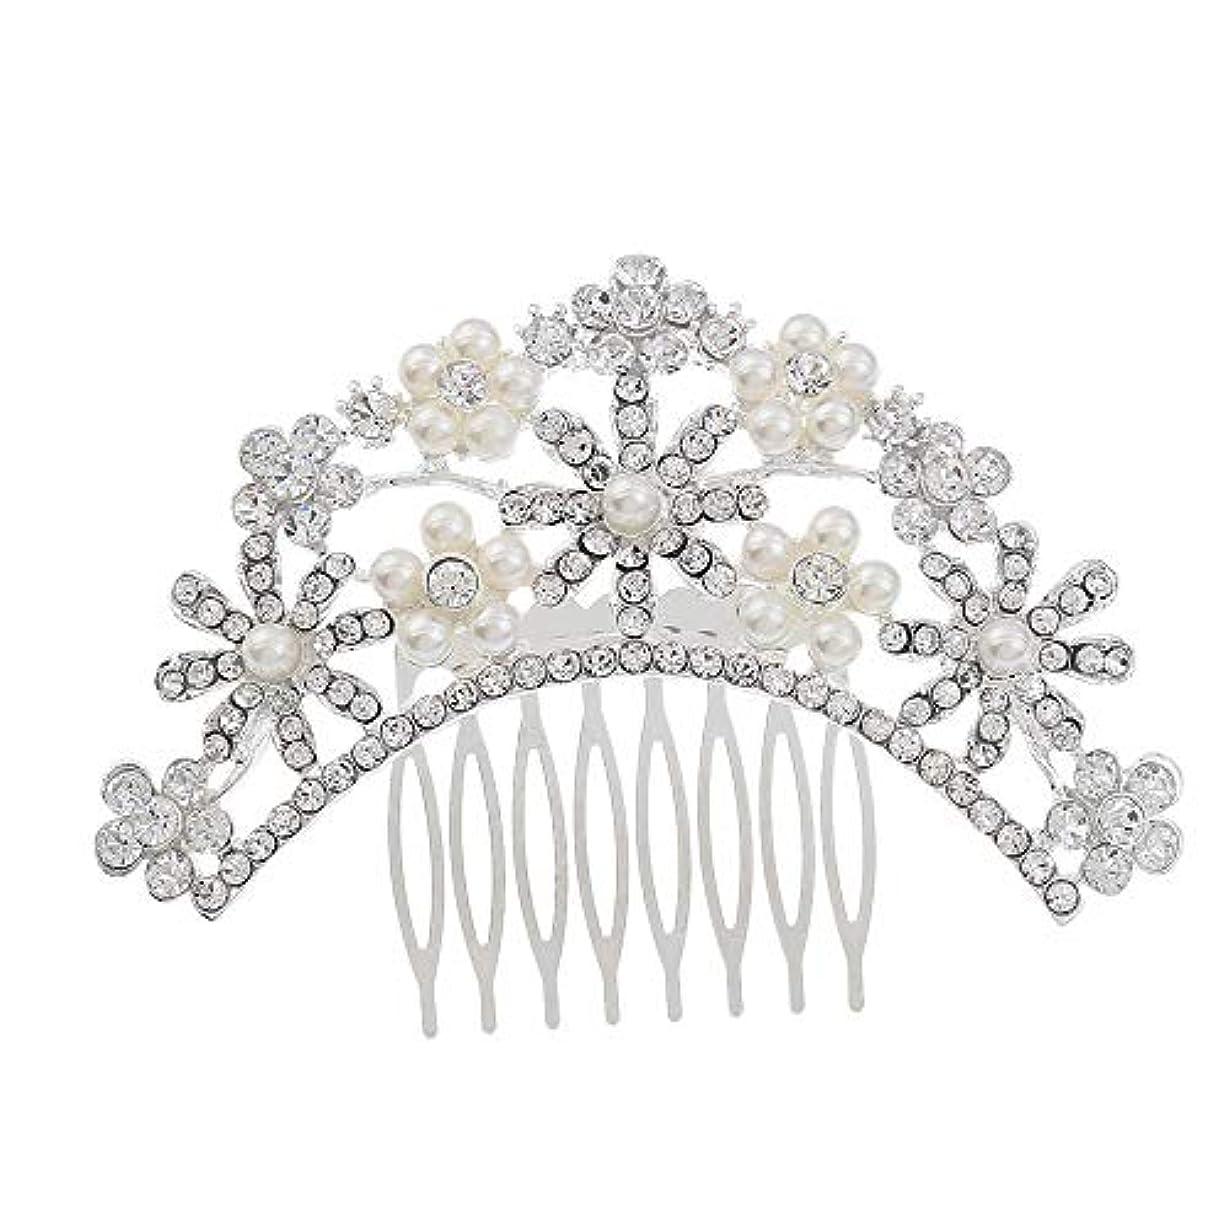 入浴クリック腹ヘアコームコーム櫛花嫁の髪櫛クラウンヘッドバンド結婚式の帽子真珠の髪の櫛ラインストーンインサート櫛